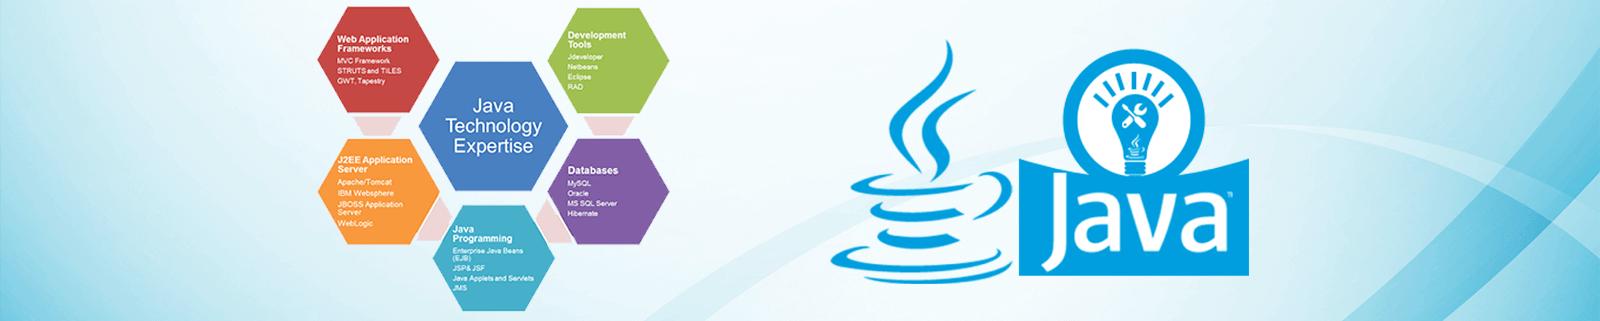 Java l%C3%A0 g%C3%AC T%E1%BA%A1i sao b%E1%BA%A1n n%C3%AAn h%E1%BB%8Dc l%E1%BA%ADp tr%C3%ACnh Java - Lộ trình để trở thành một lập trình viên Android chuyên nghiệp